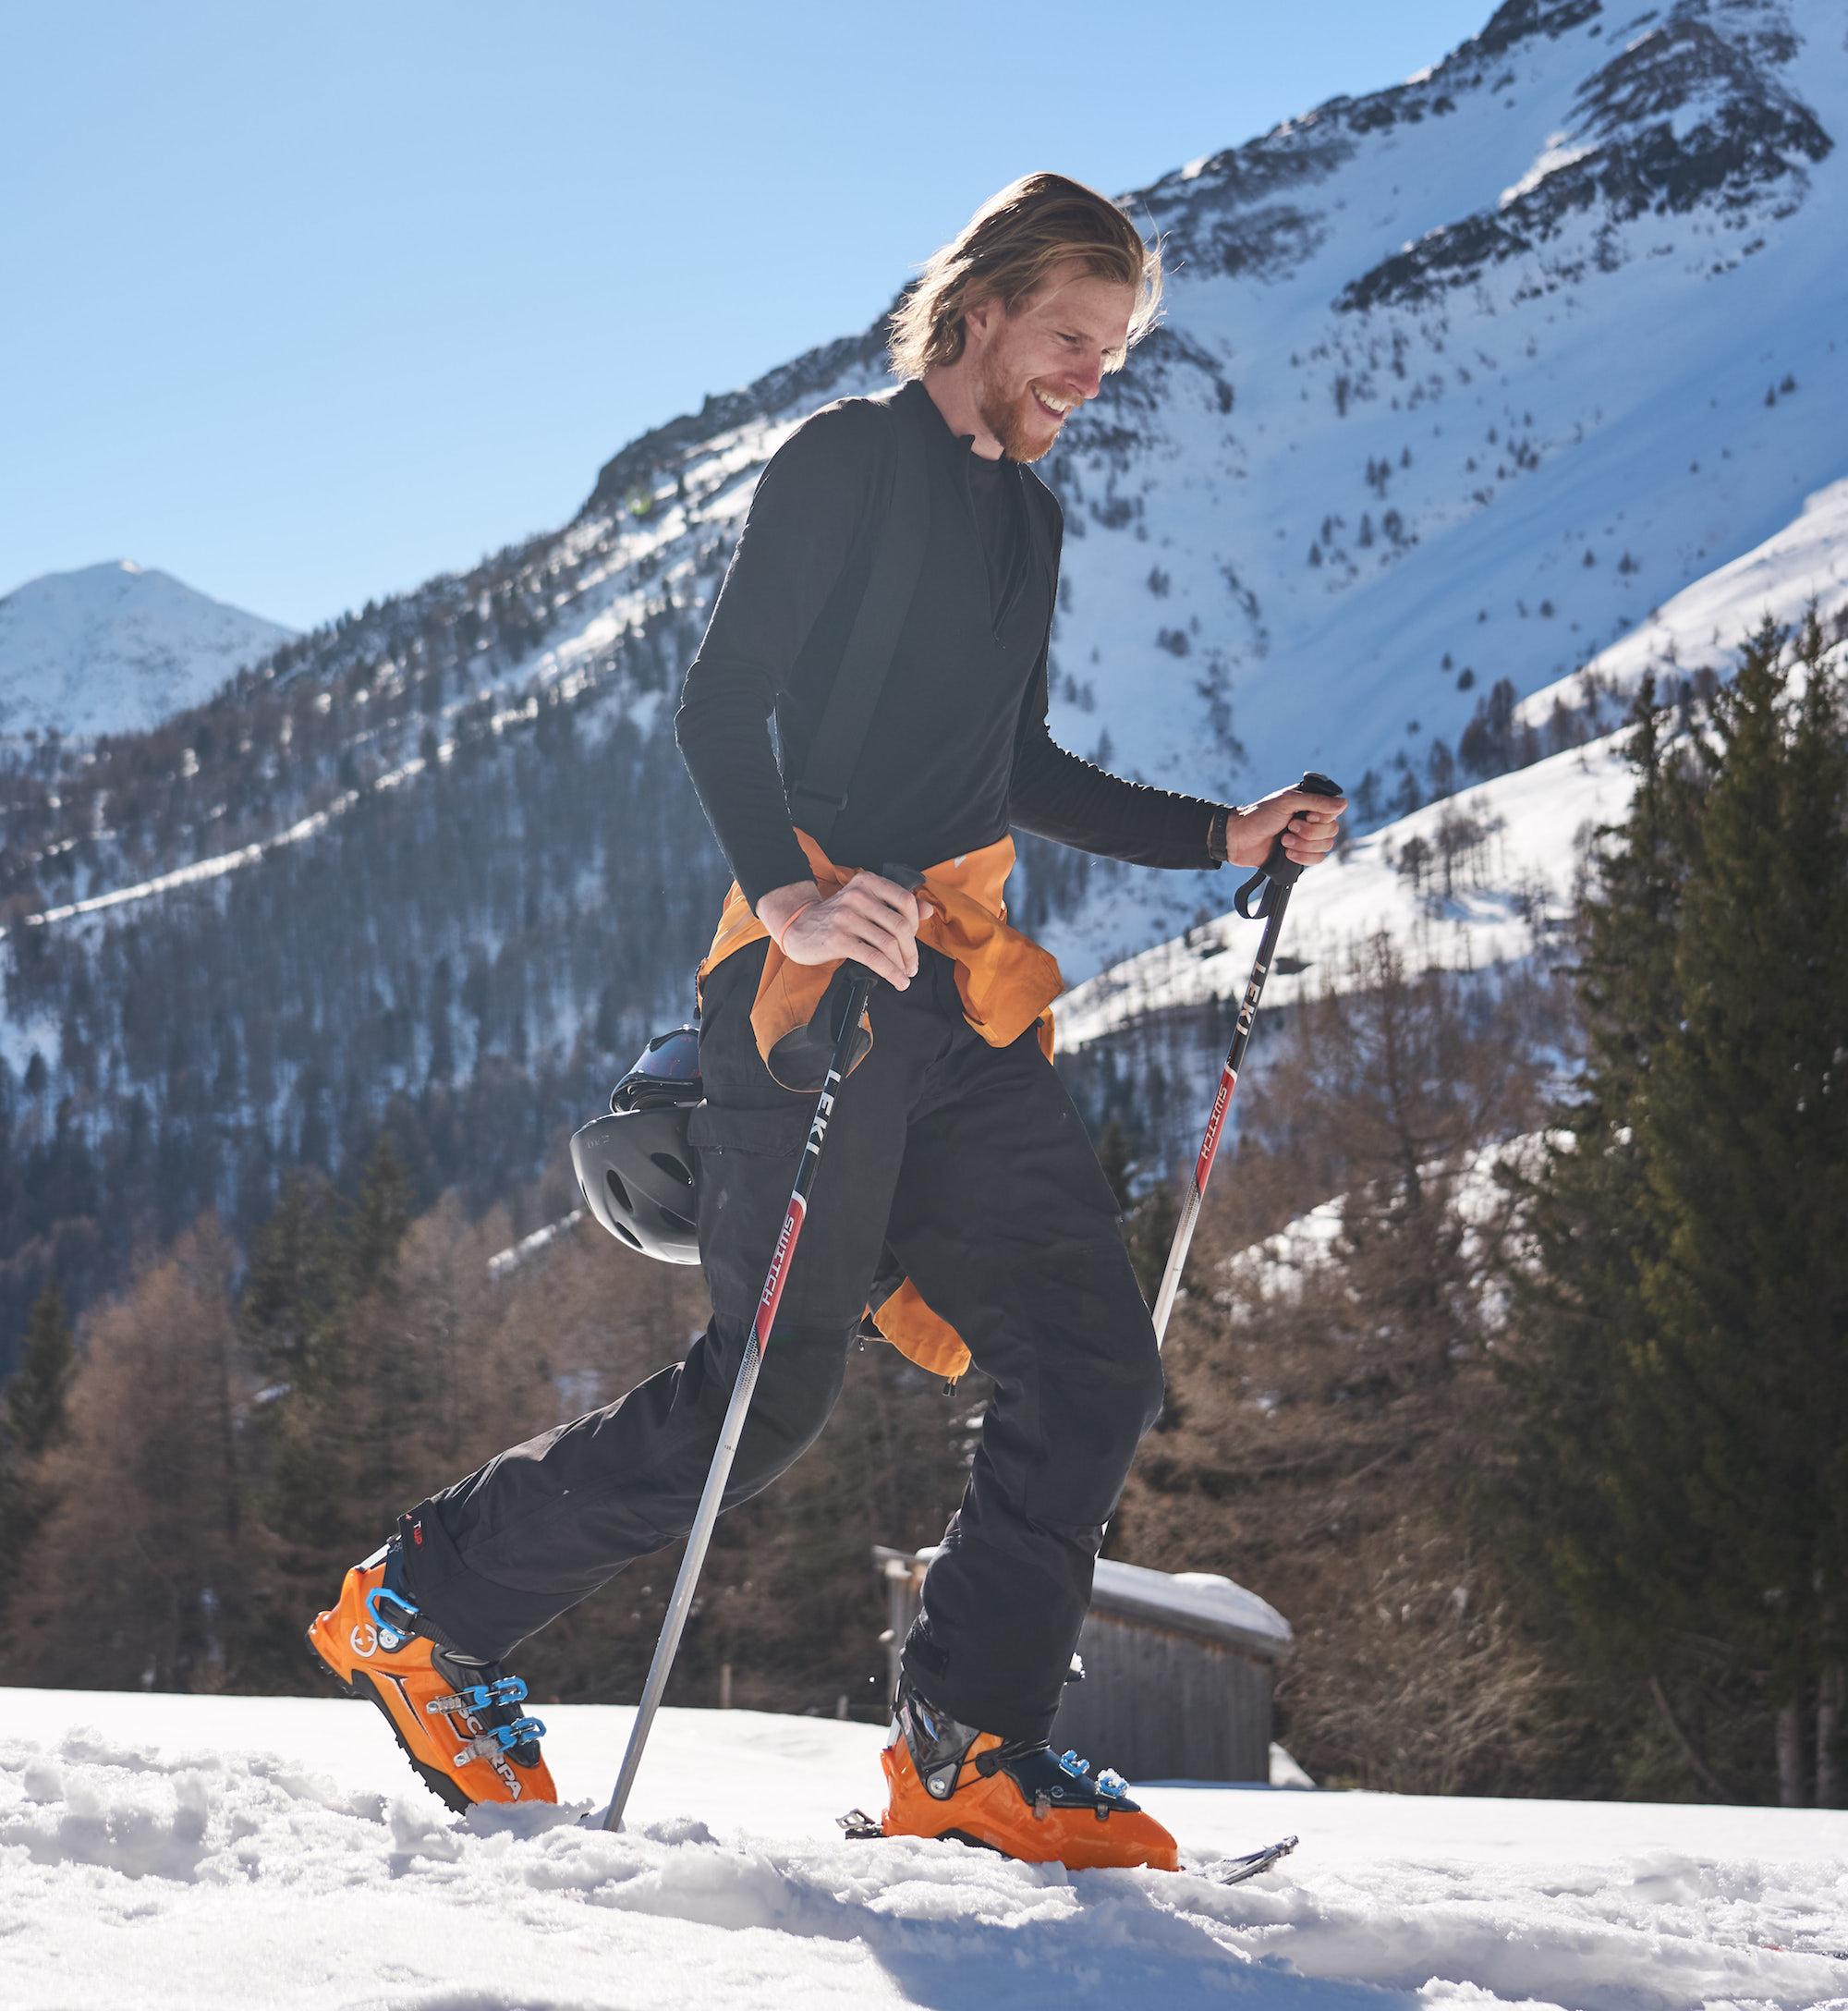 Ryan ski touring